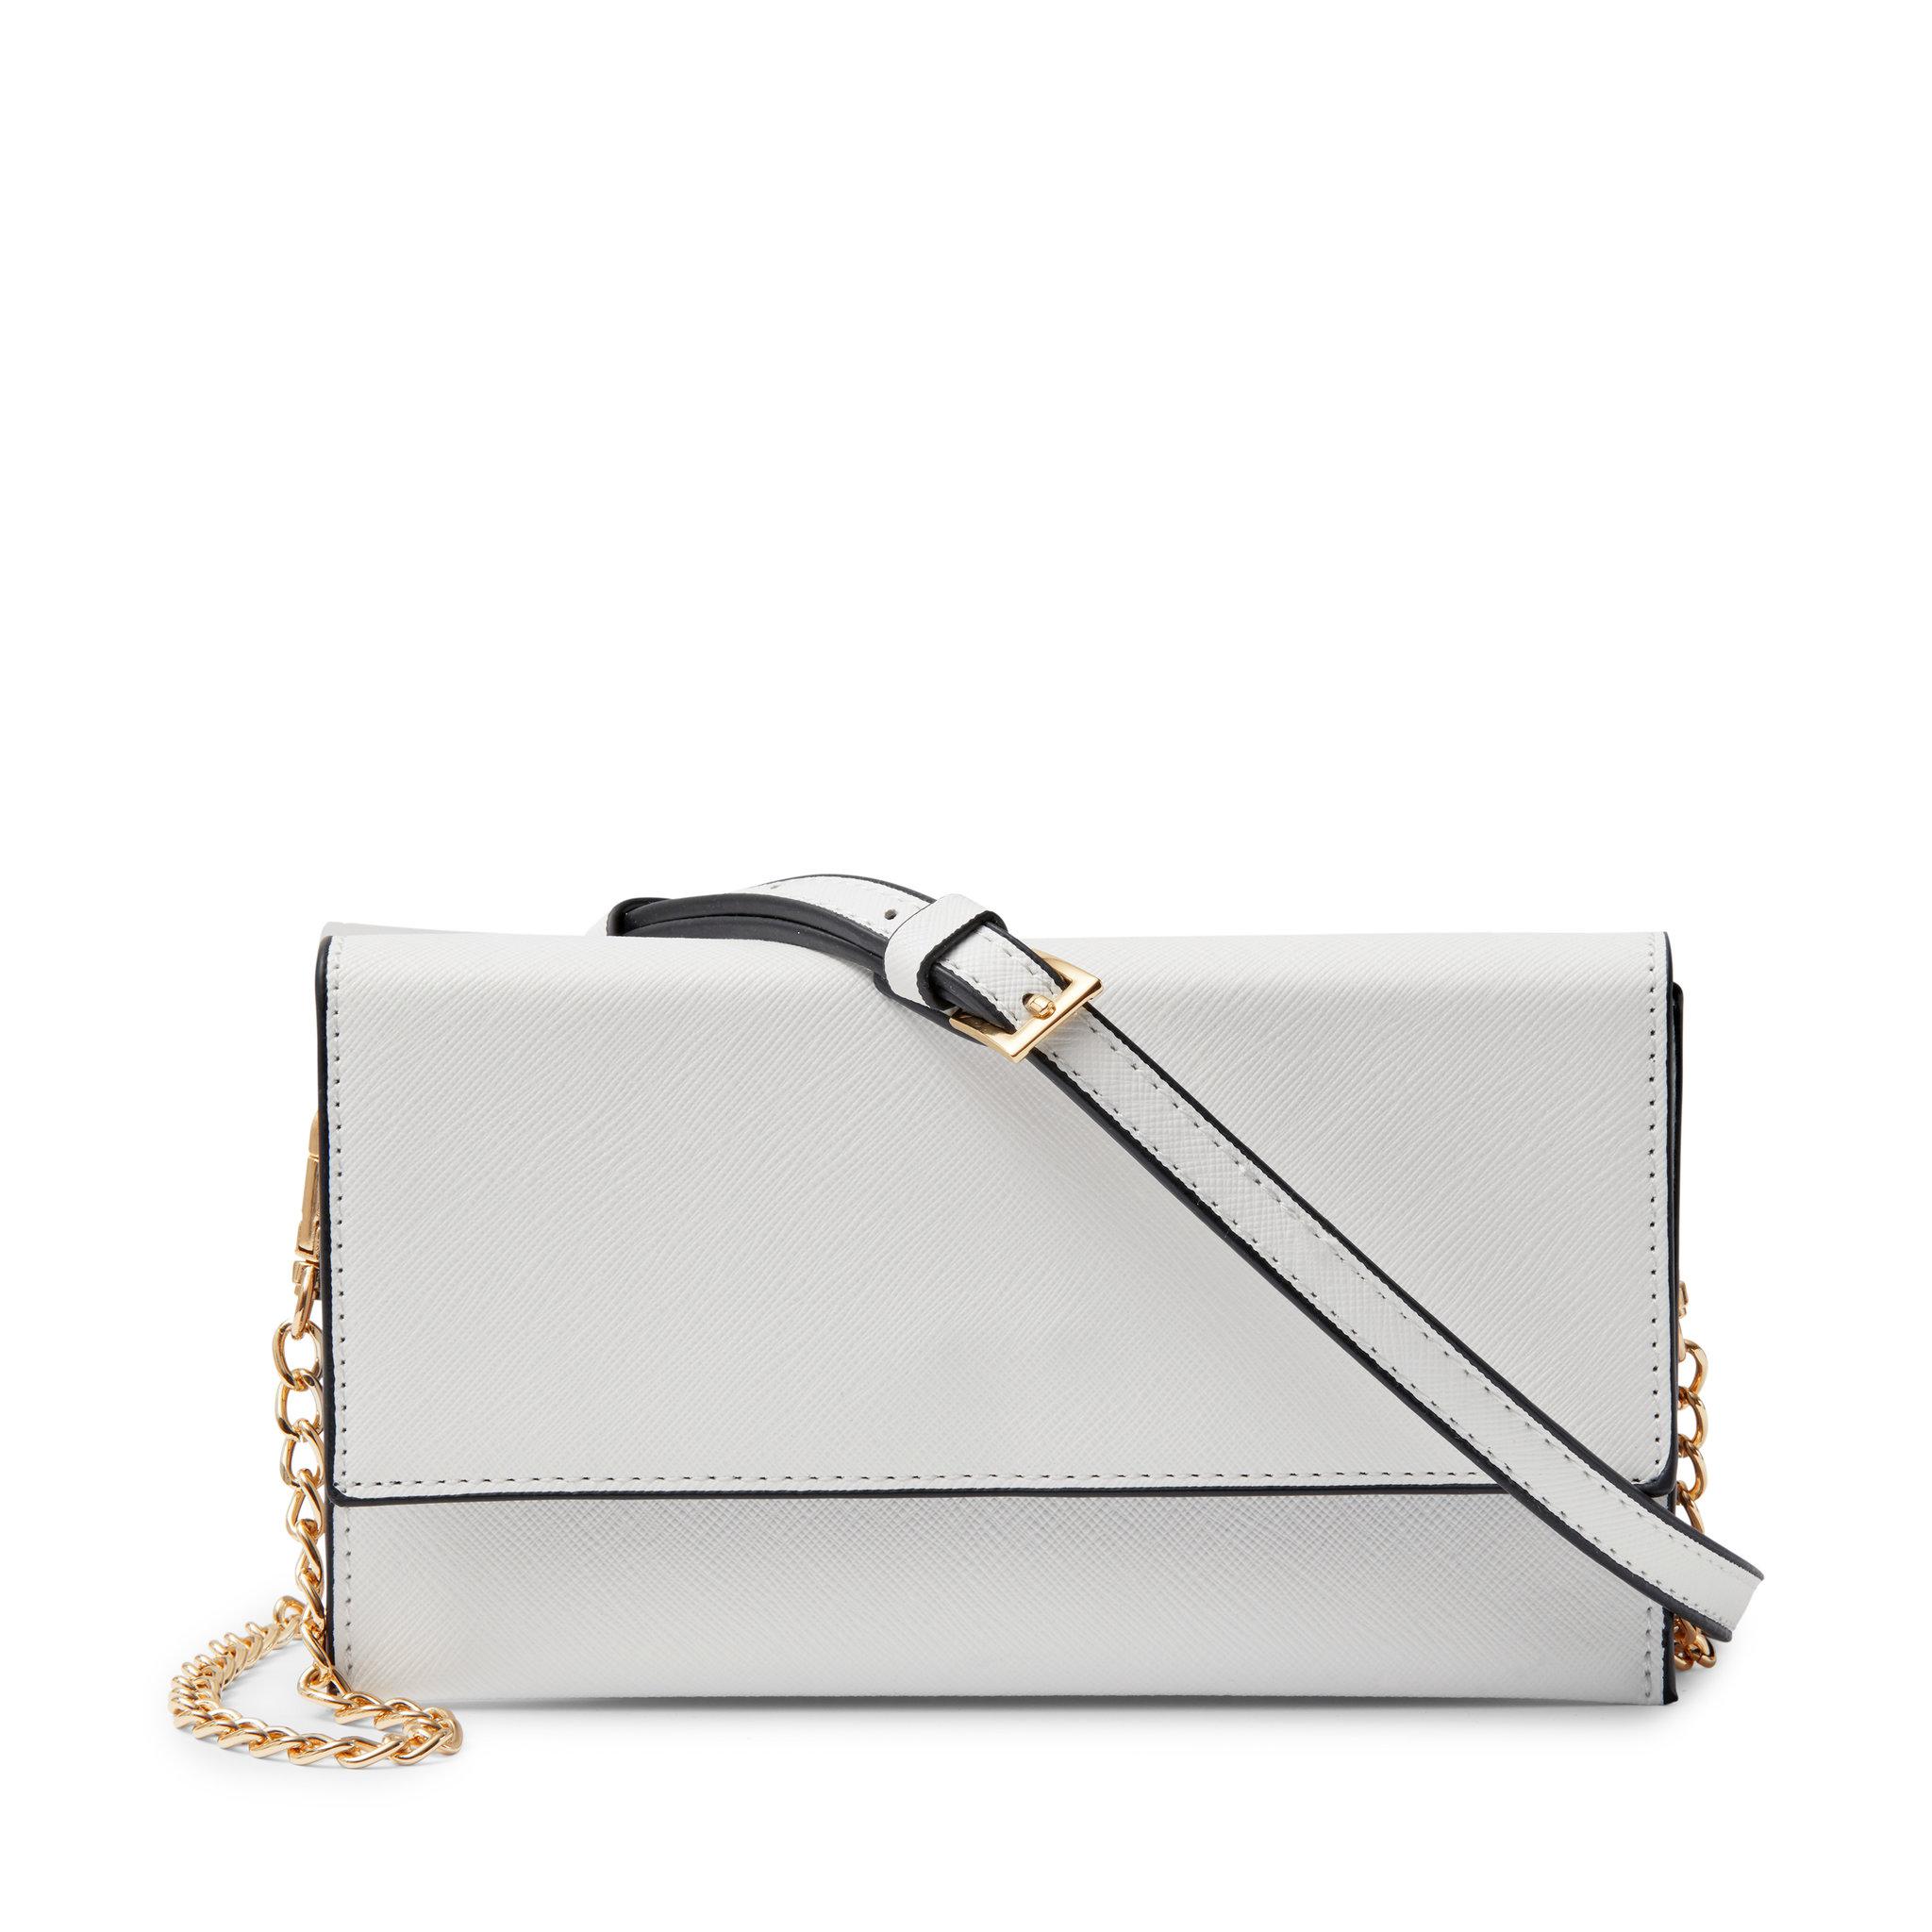 Väska med kedja - Handväskor - Köp online på åhlens.se! 74dea74e8e5f5